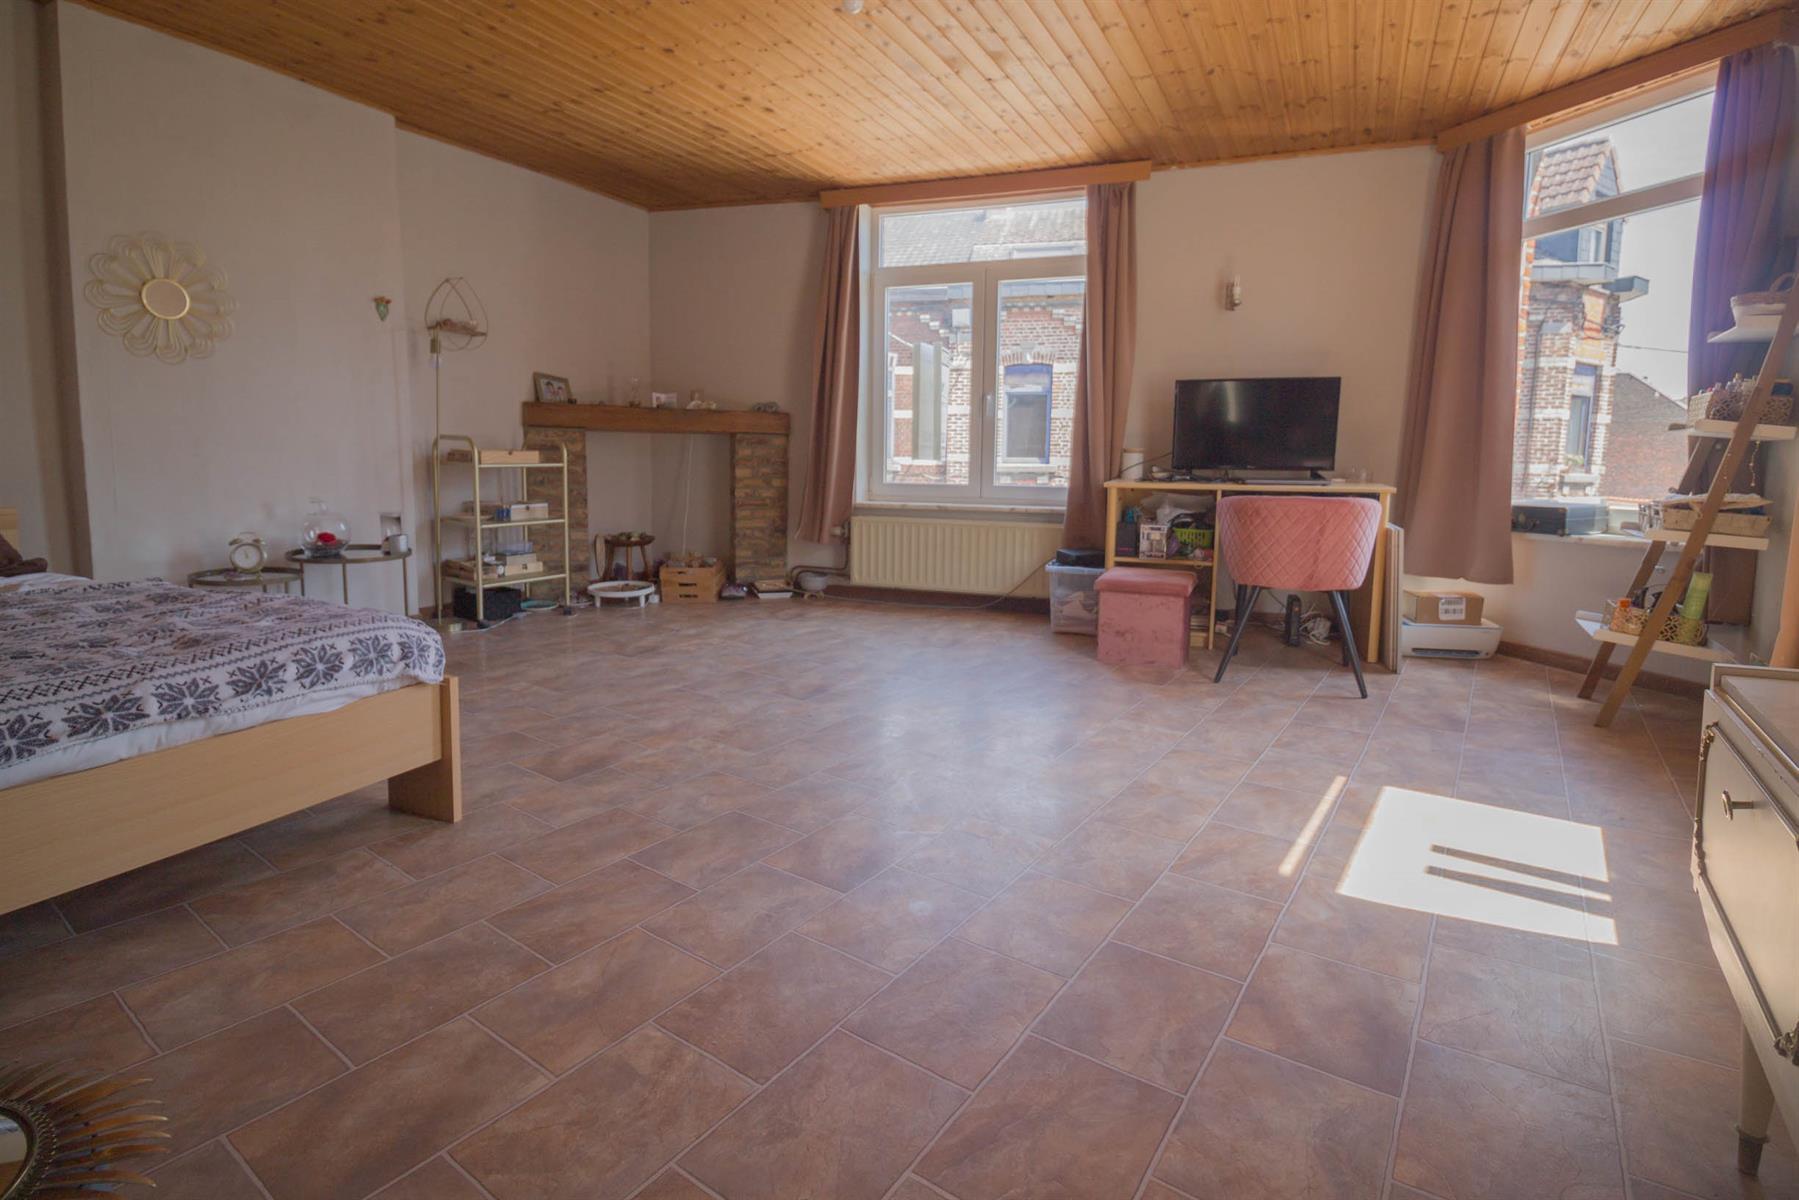 Maison - Monceau-sur-Sambre - #4536955-18